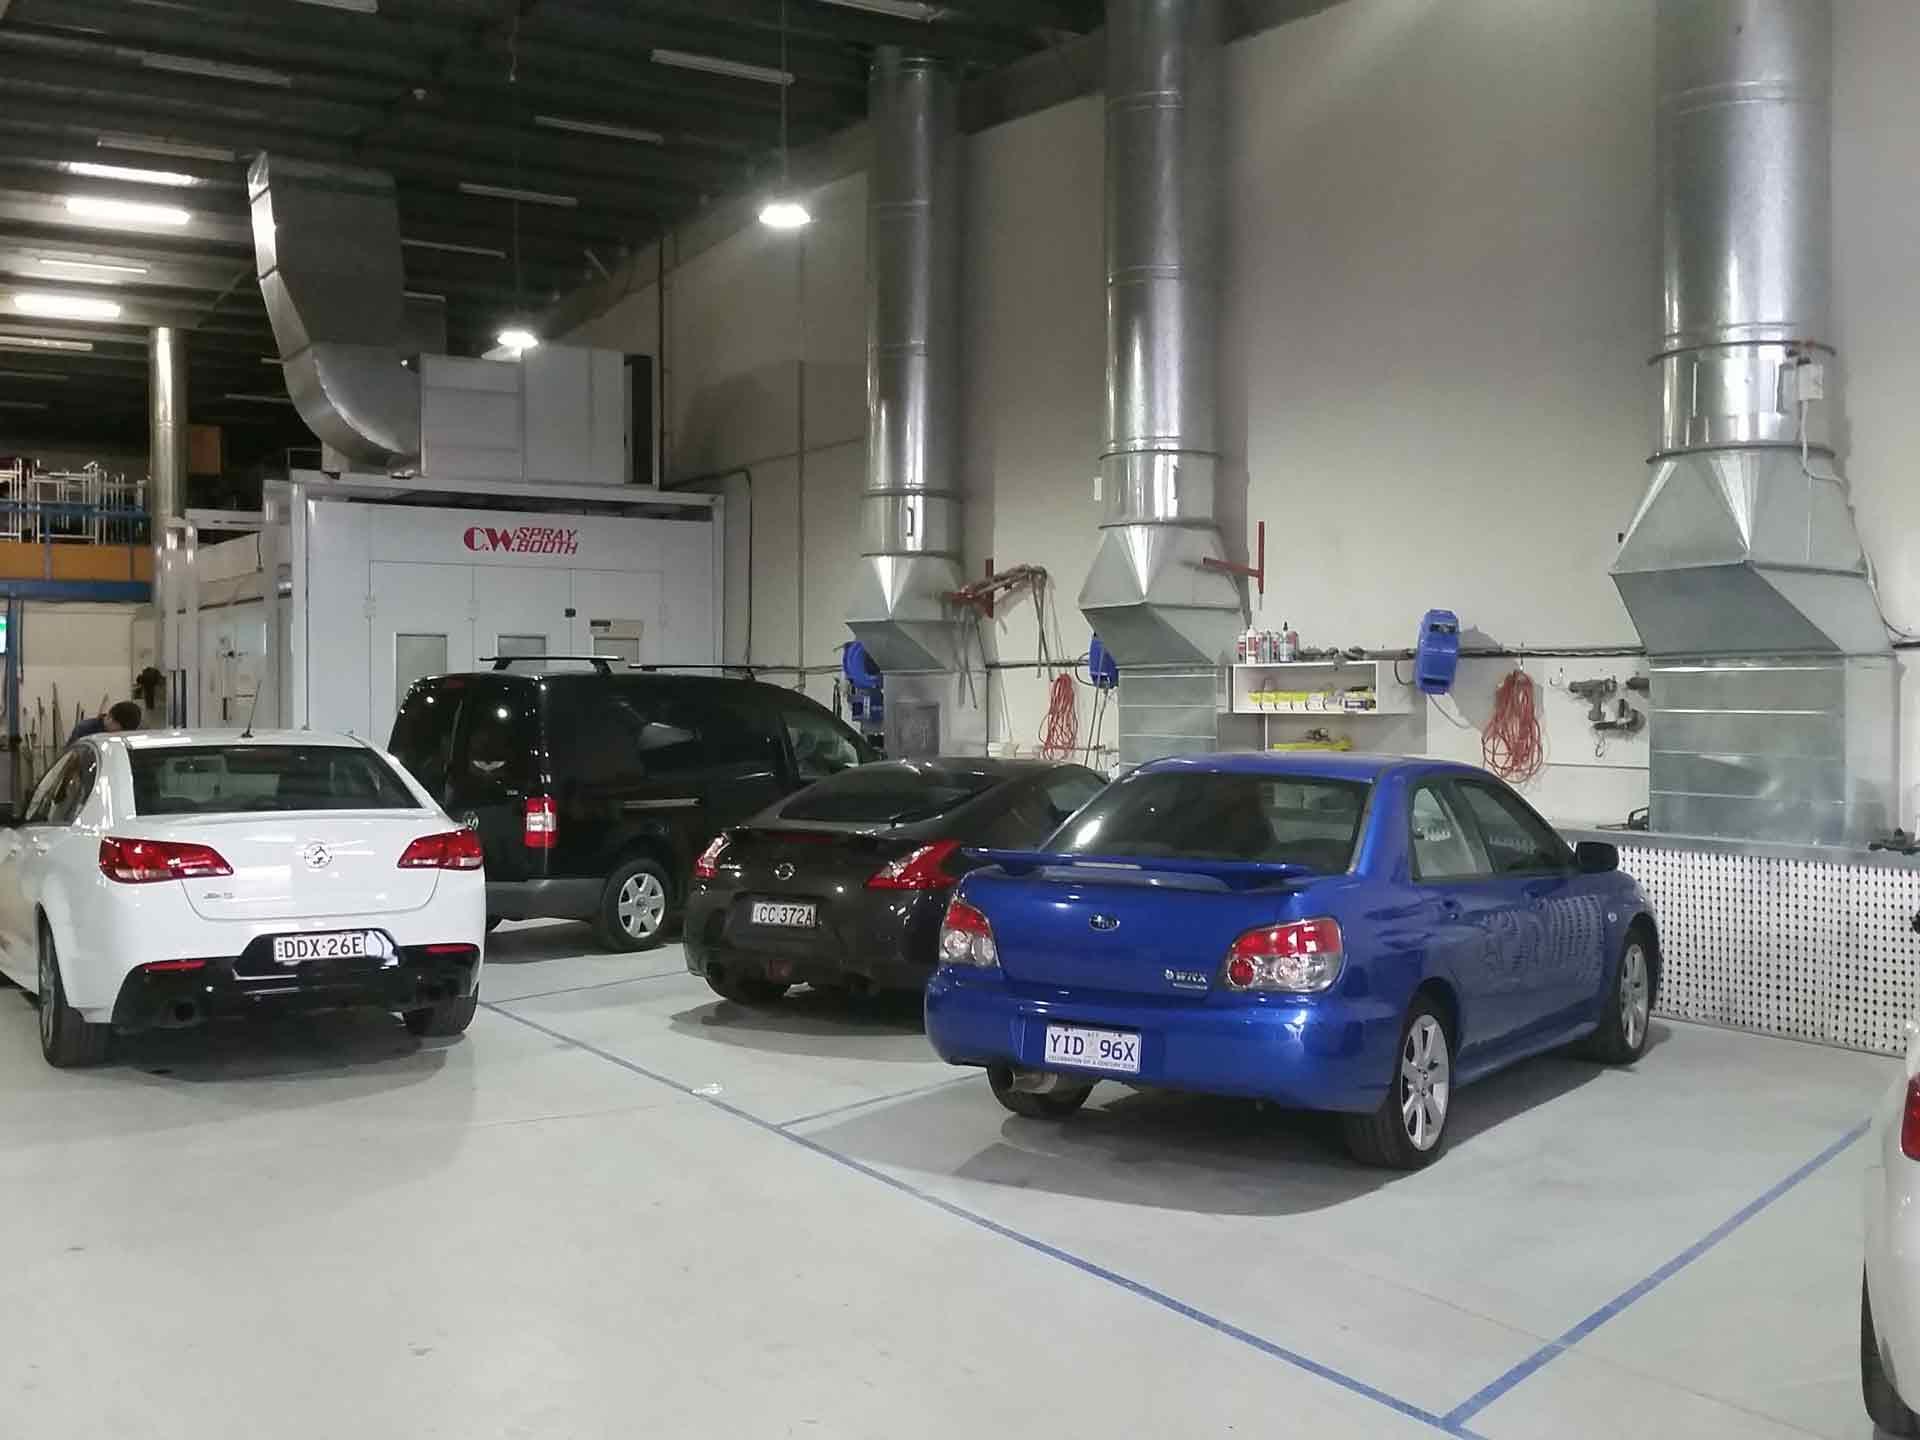 auto shop cars